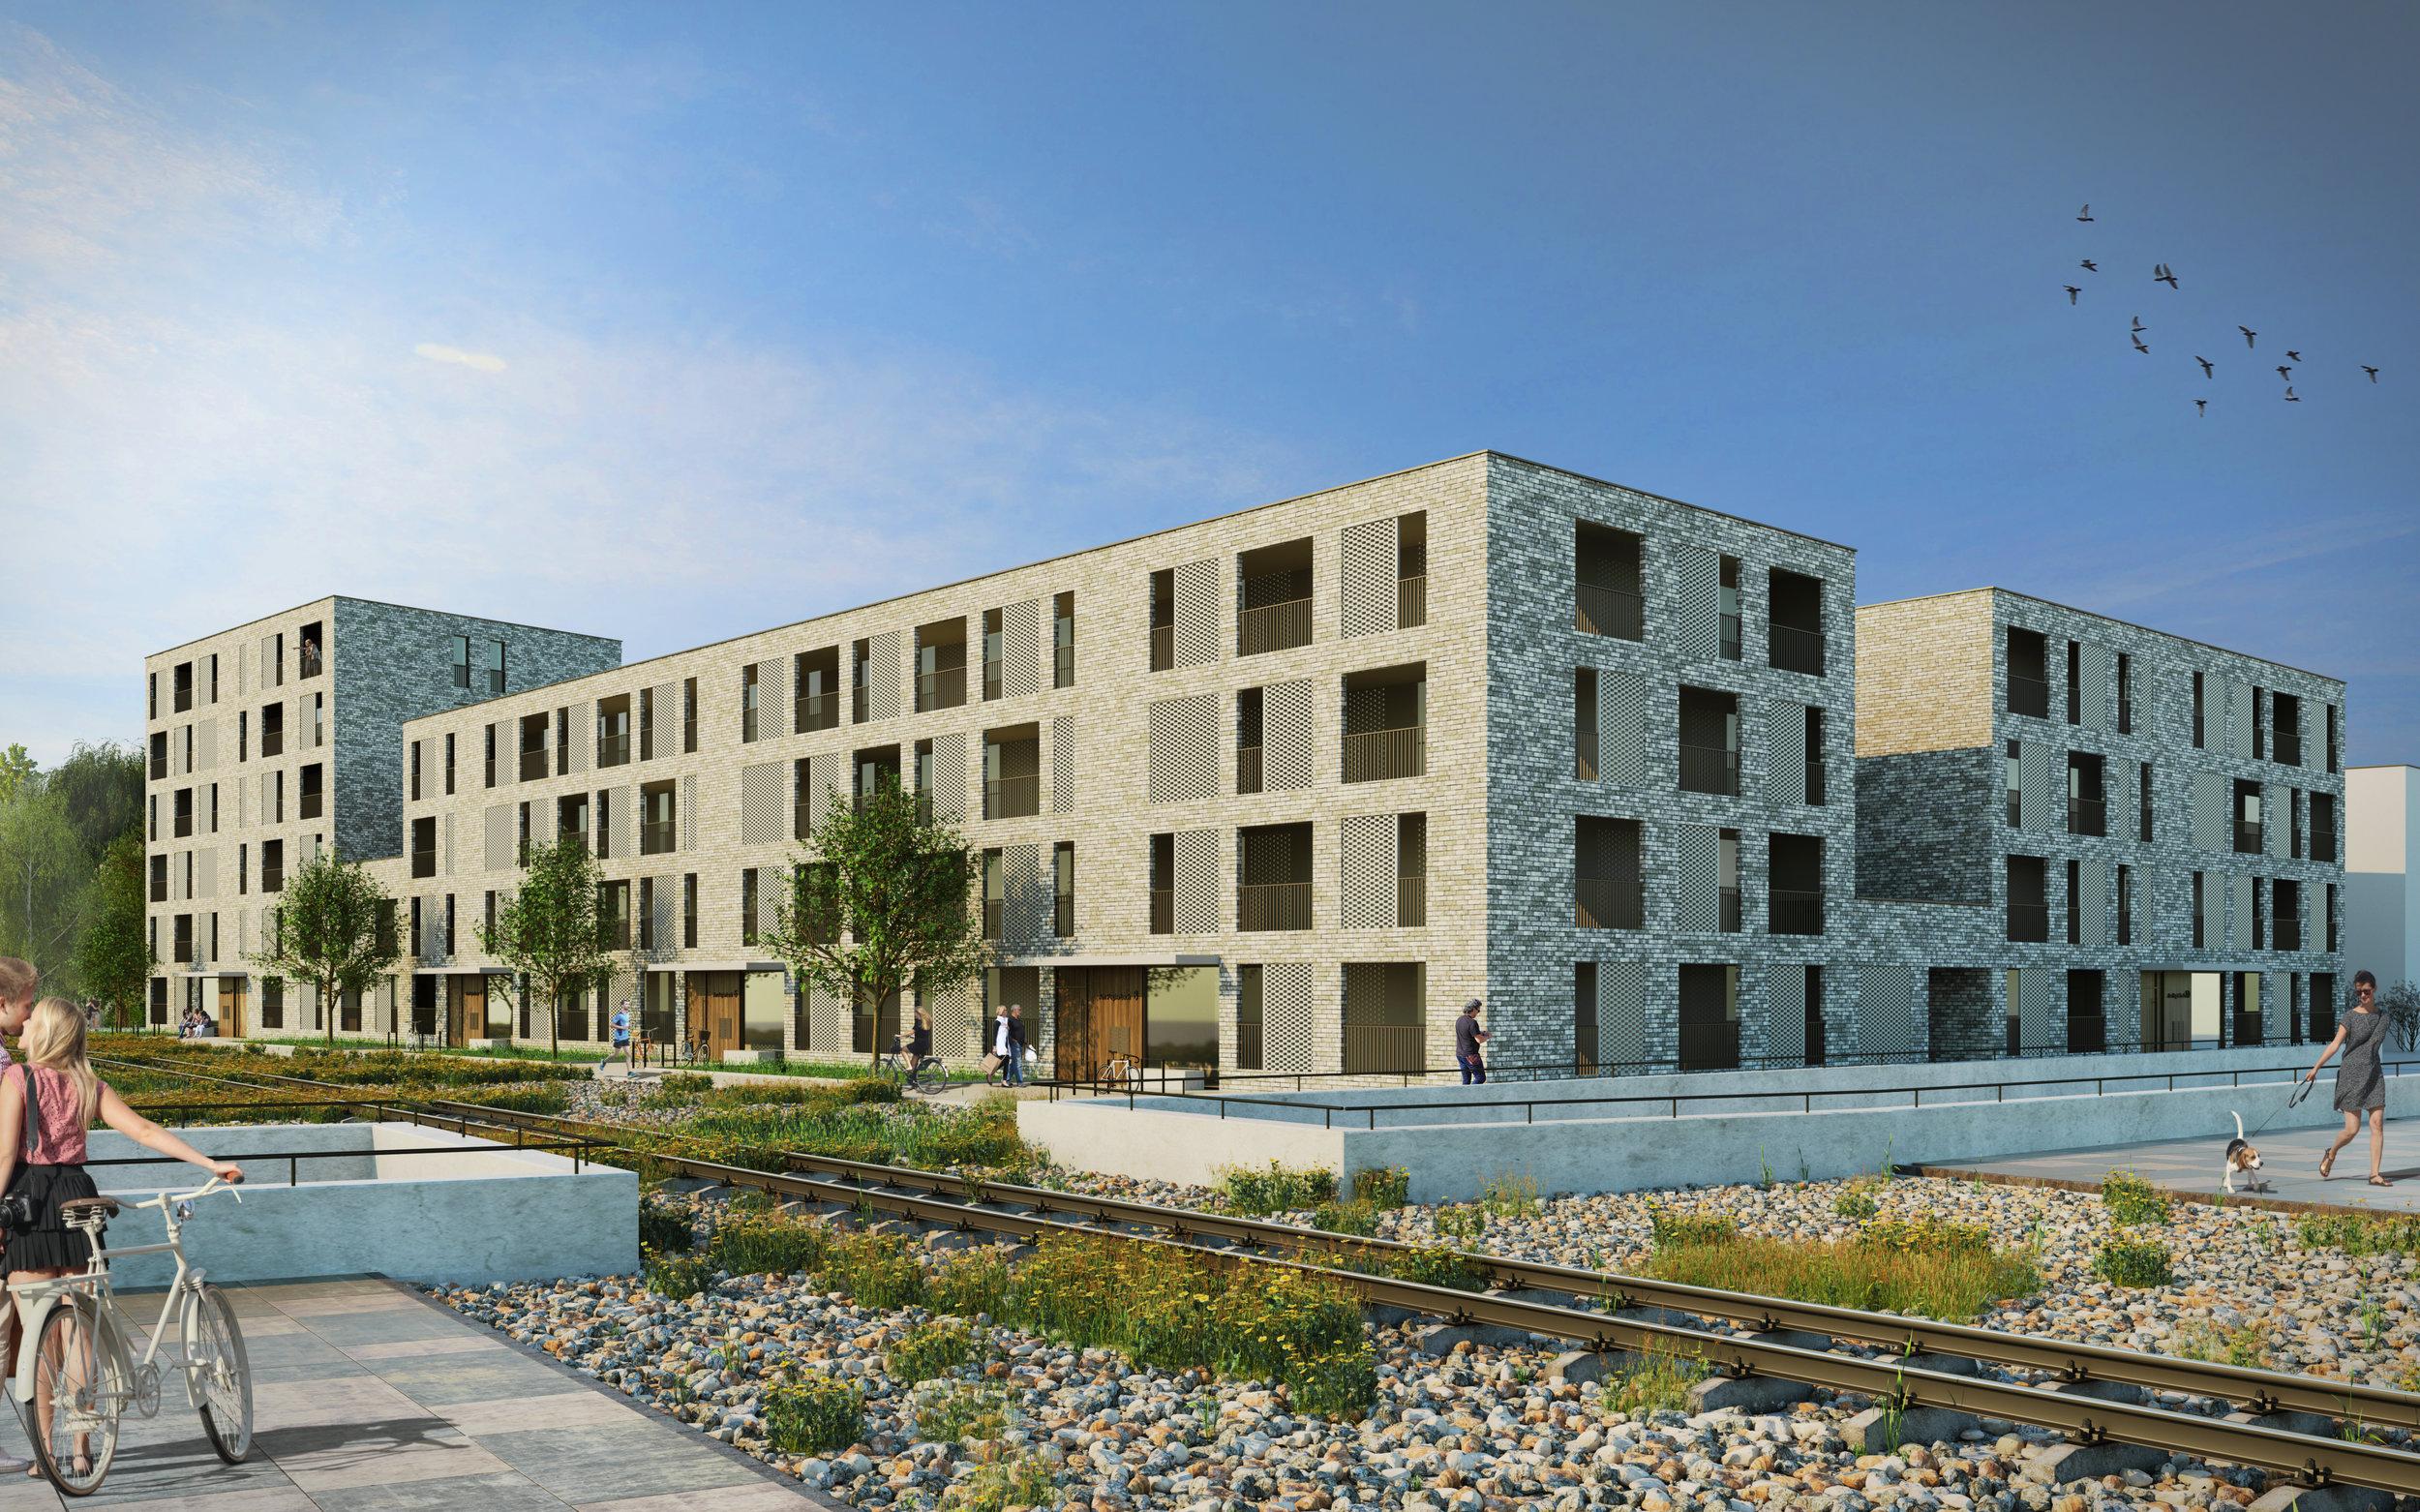 Wettbewerbsvisualisierung Papierbach Landsberg